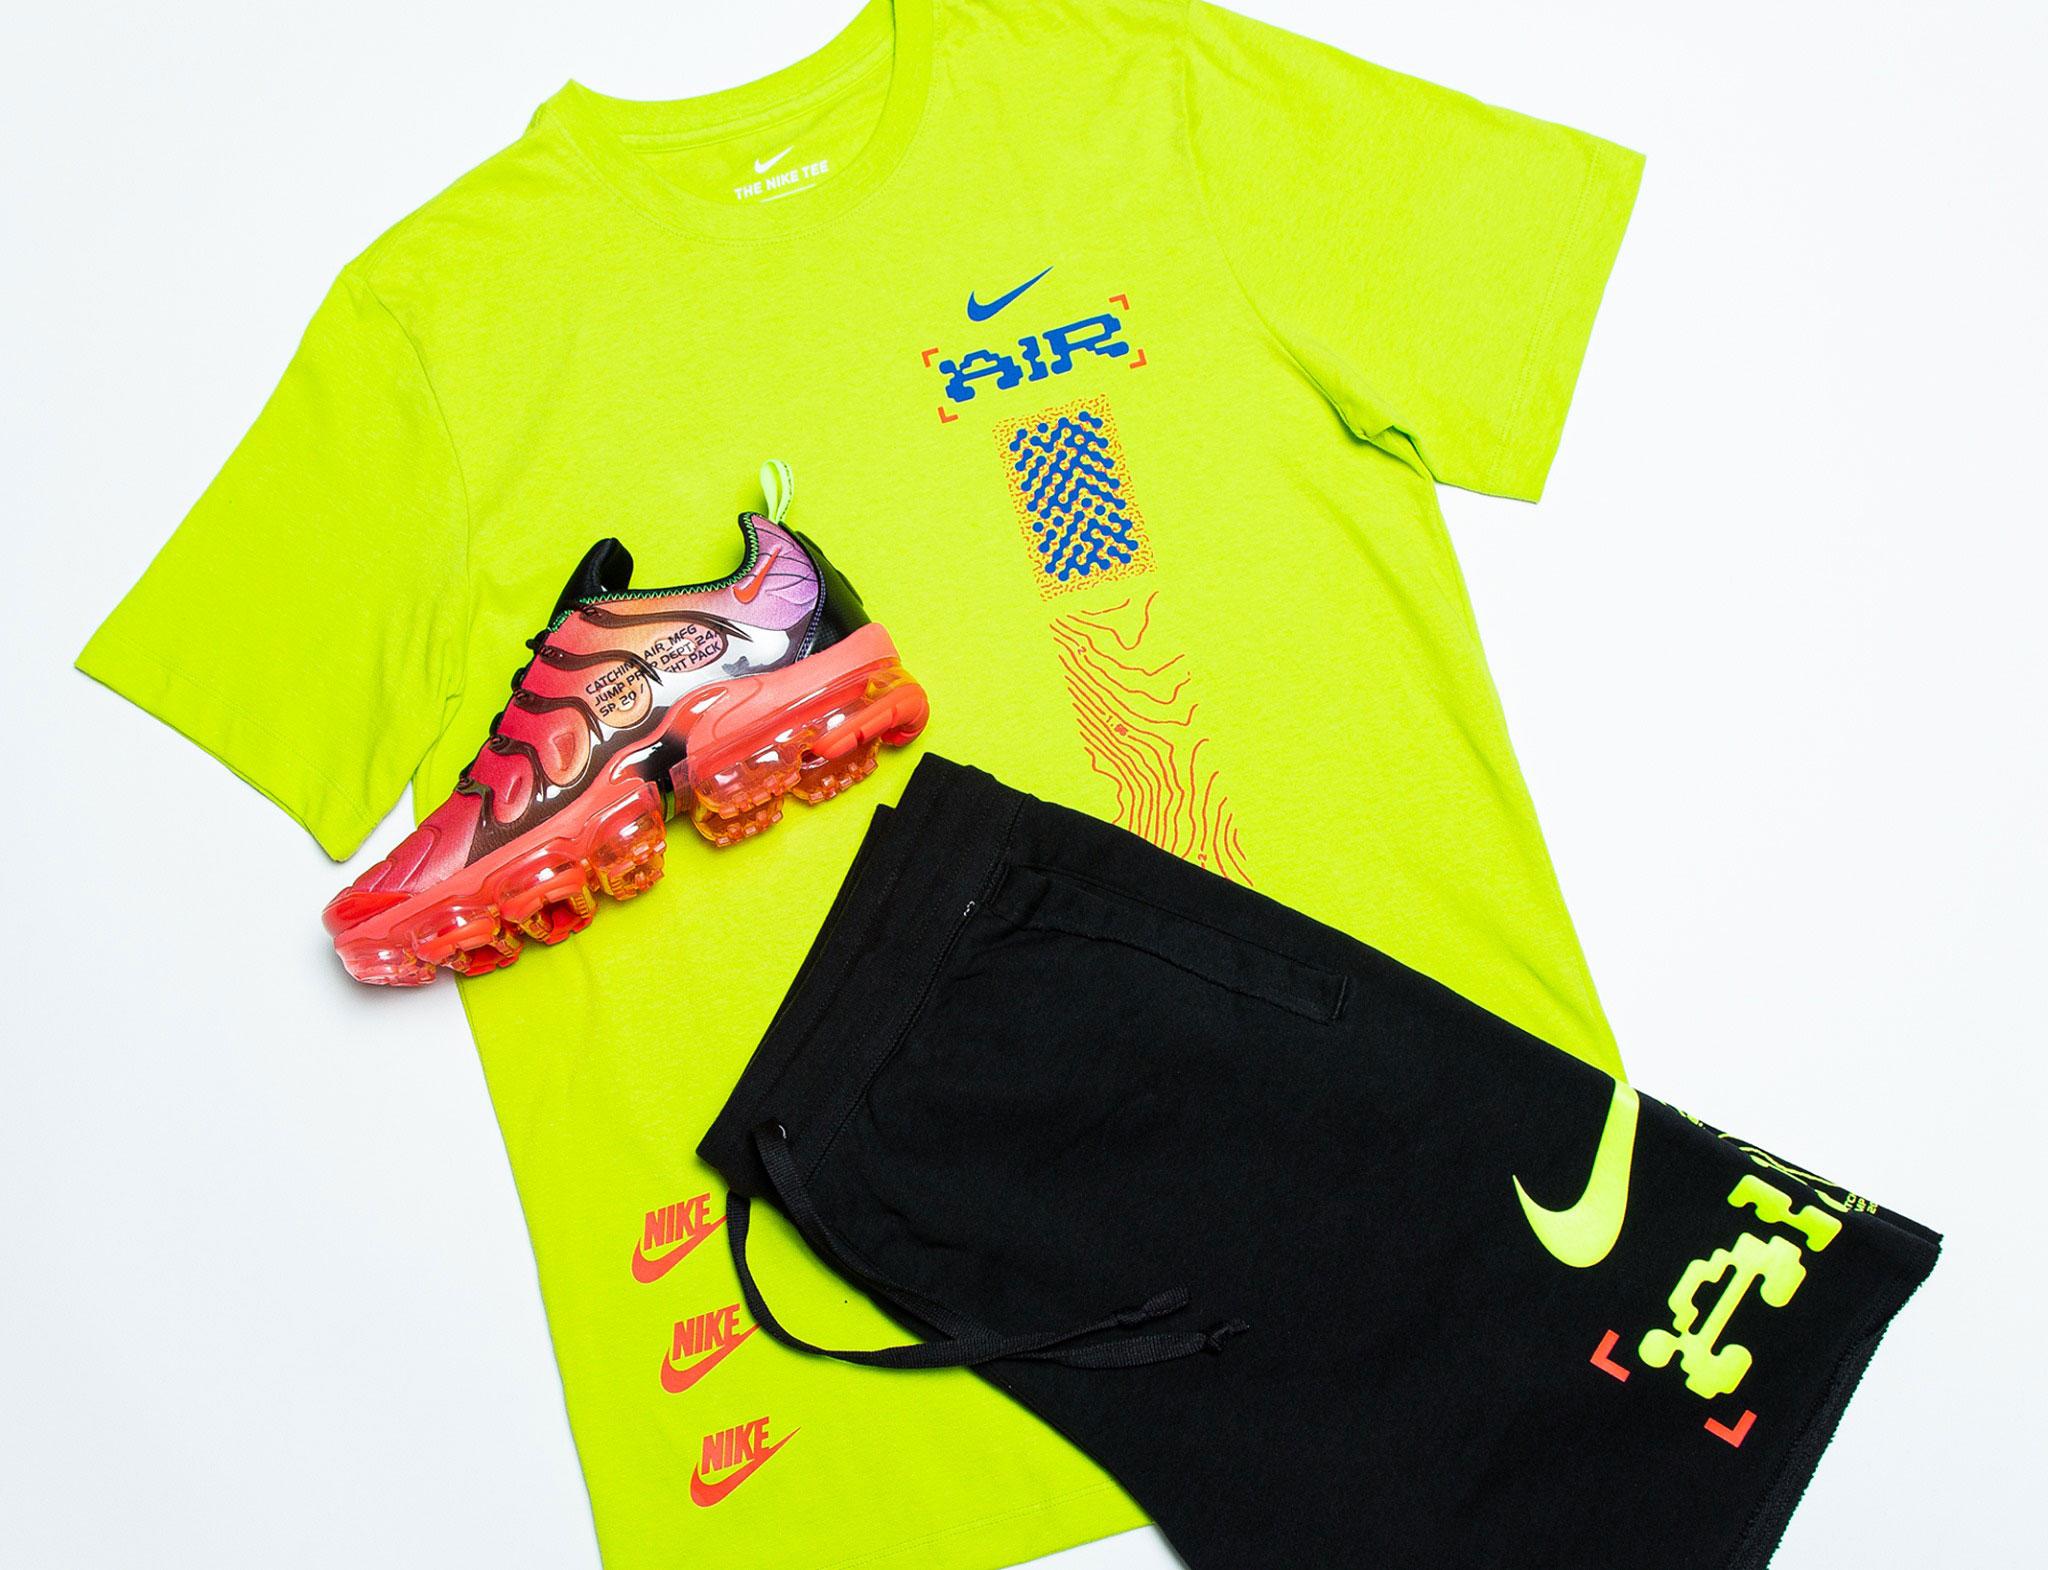 nike-air-max-day-2020-shirts-shorts-shoes